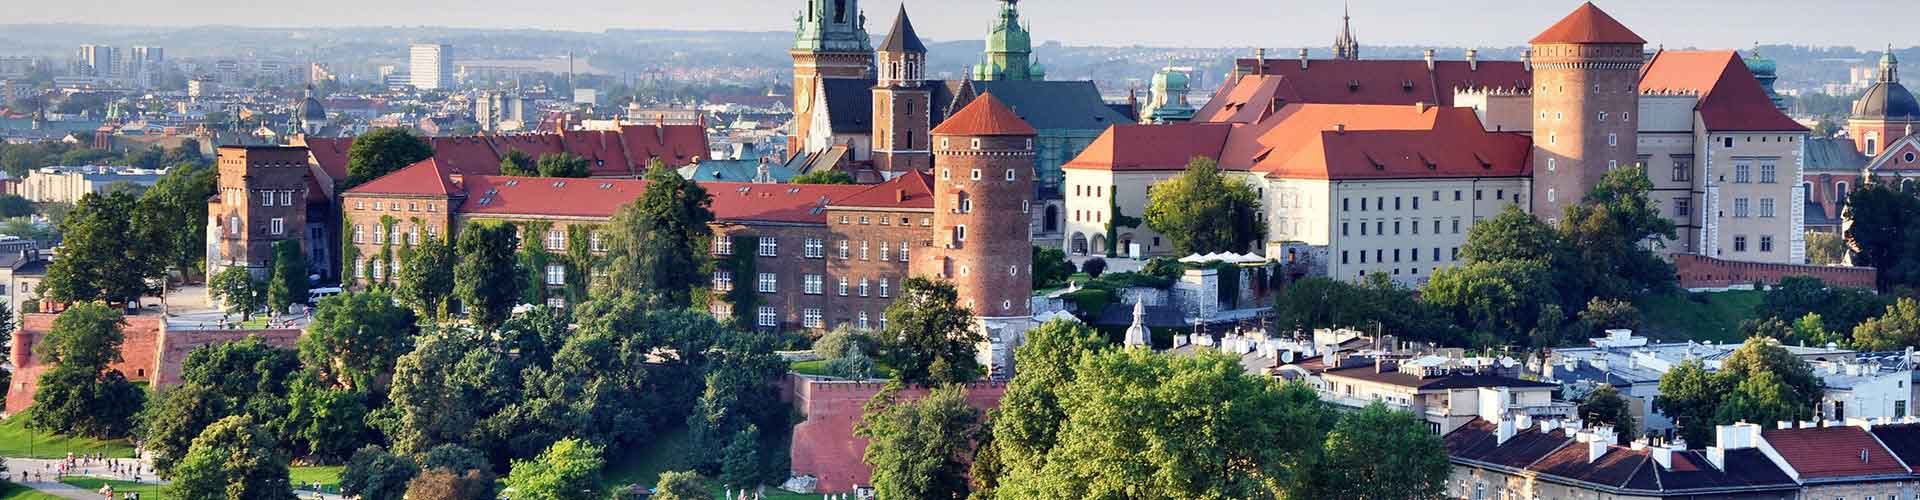 Kraków - Hostele w mieście: Kraków, Mapy: Kraków, Zdjęcia i Recenzje dla każdego hostelu w mieście Kraków.